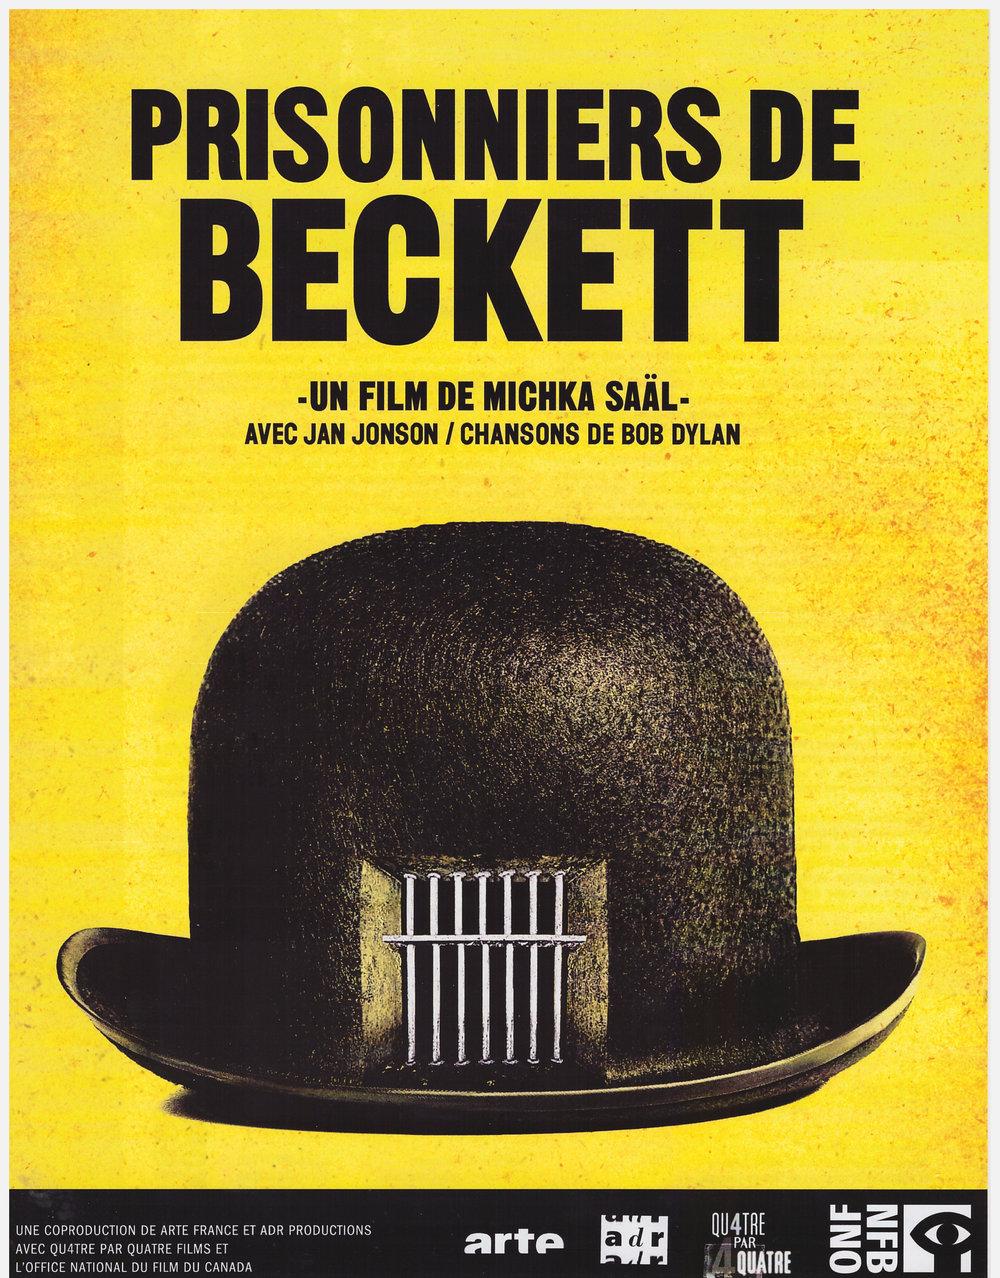 Prisonniers de Beckett poster.jpg